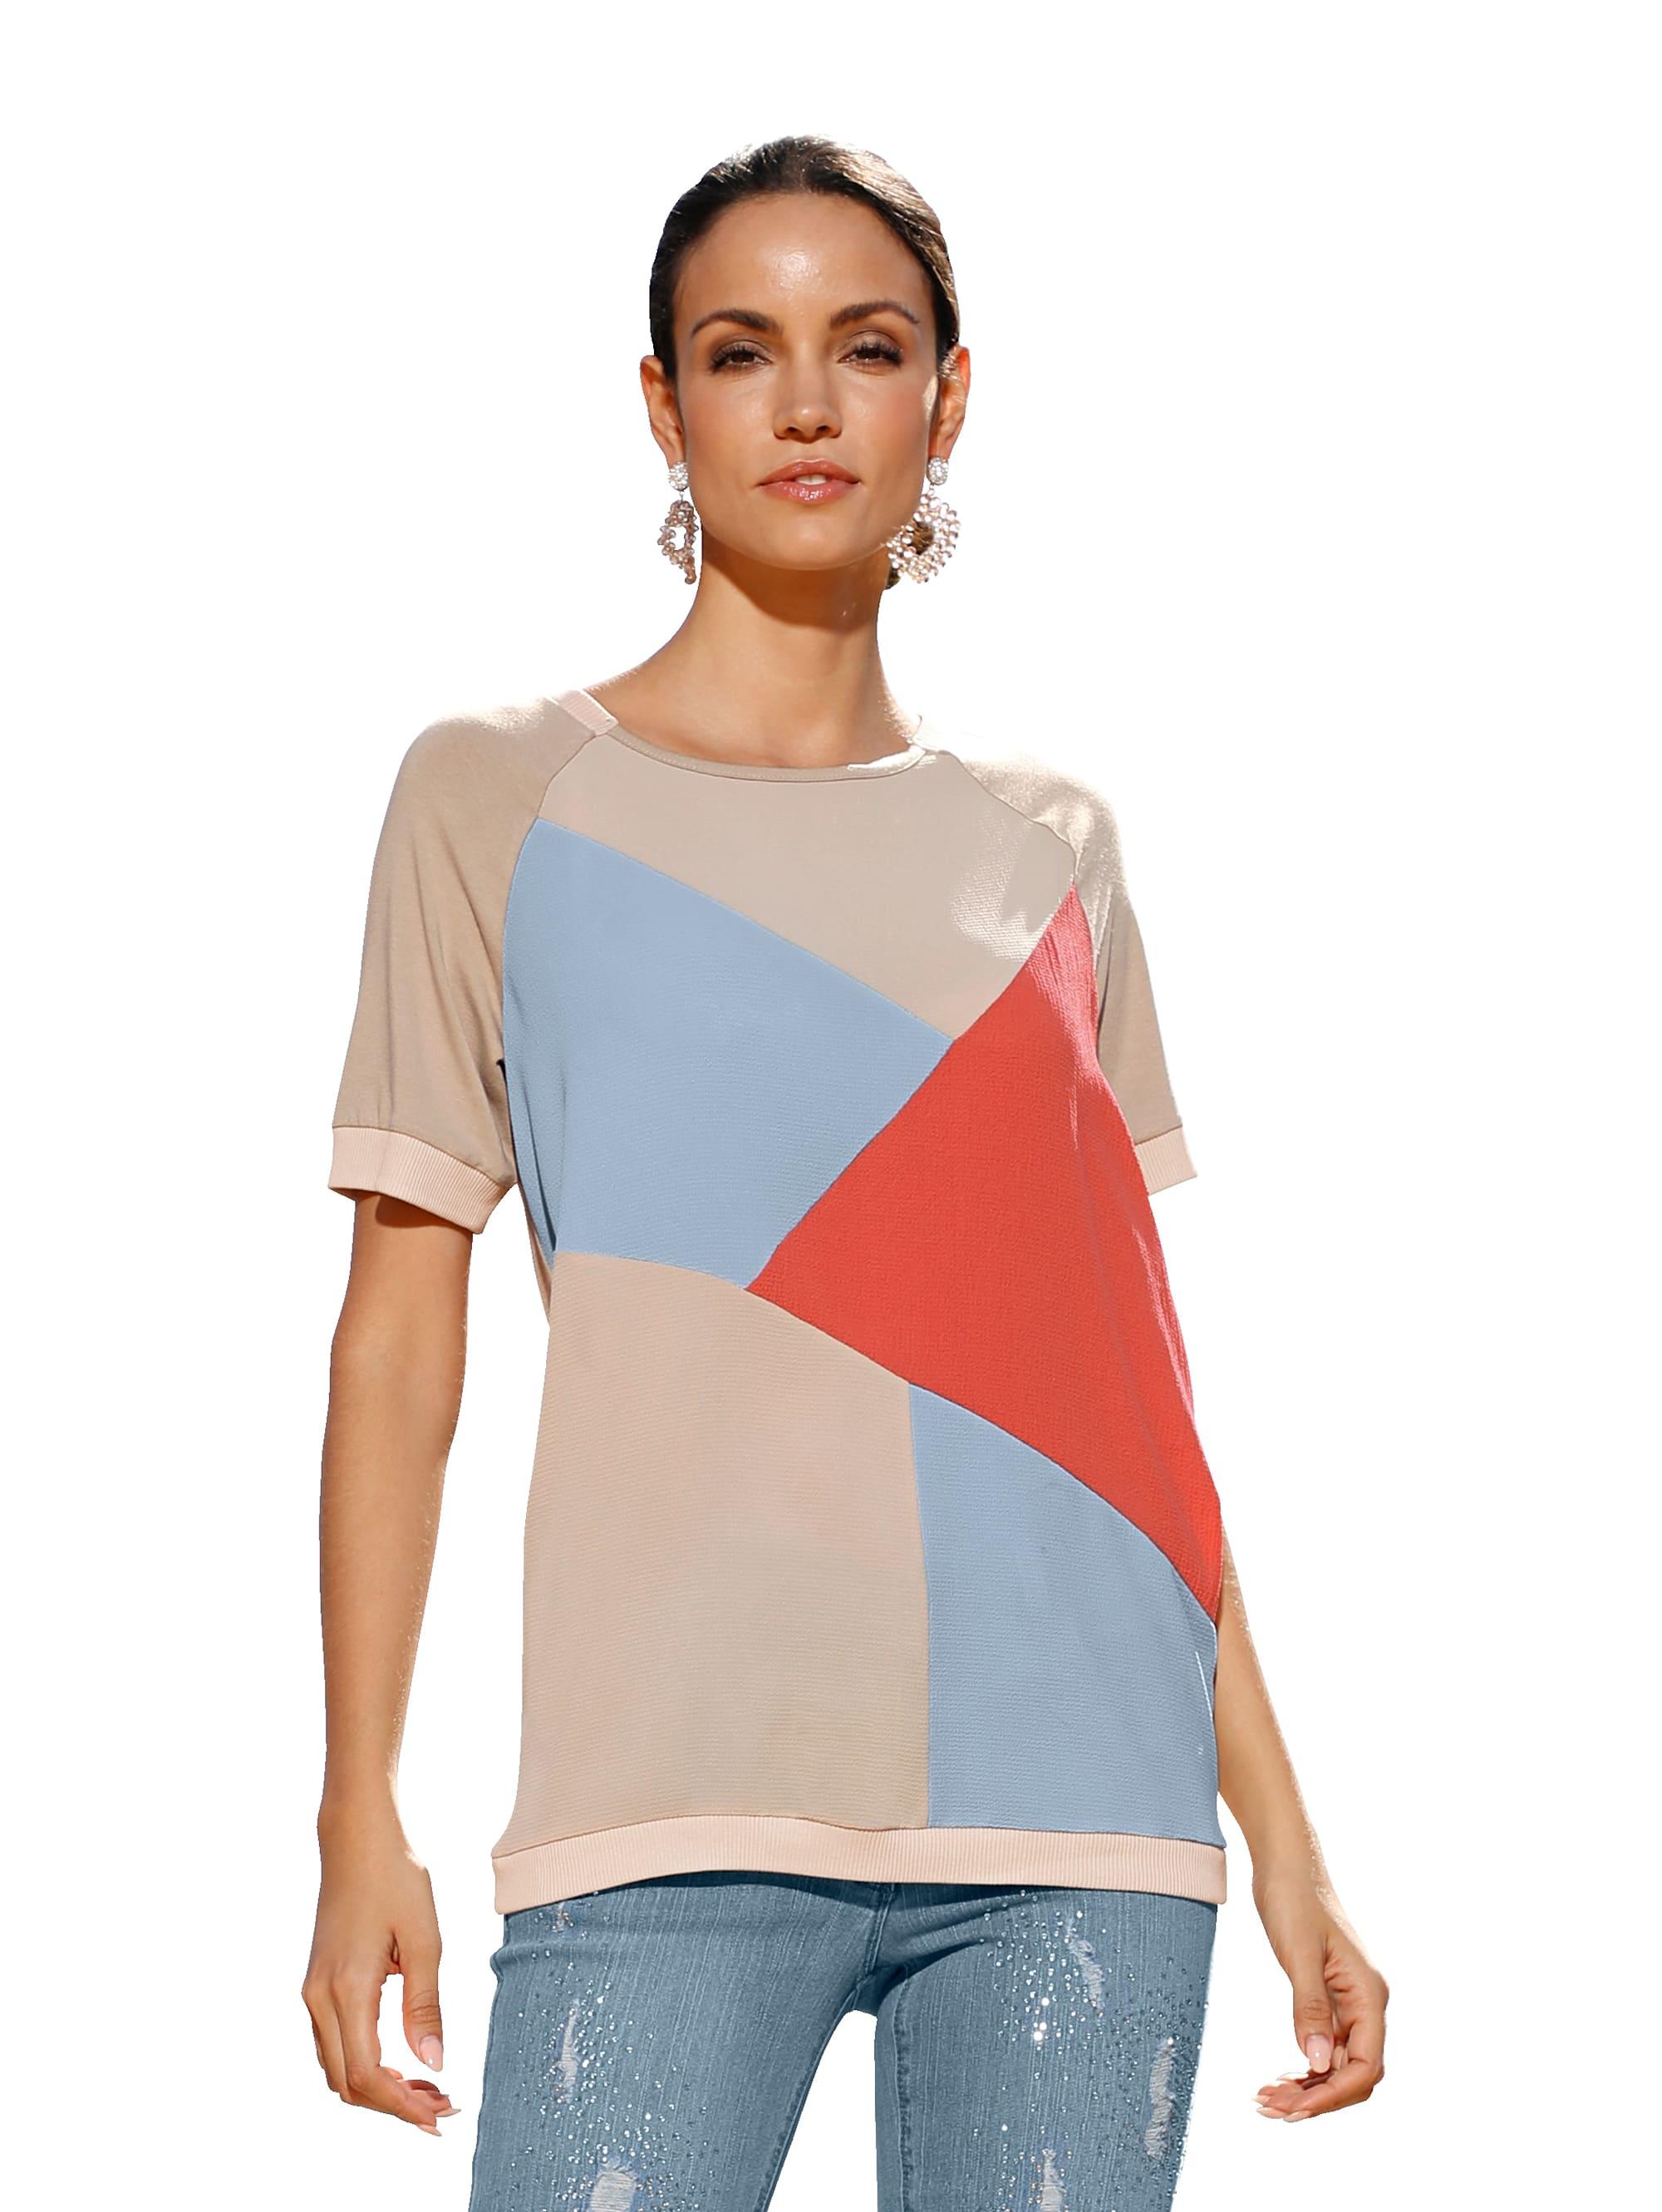 AMY VERMONT Shirt mit buntem Webeinsatz im Vorderteil j1oVS 7oKt7